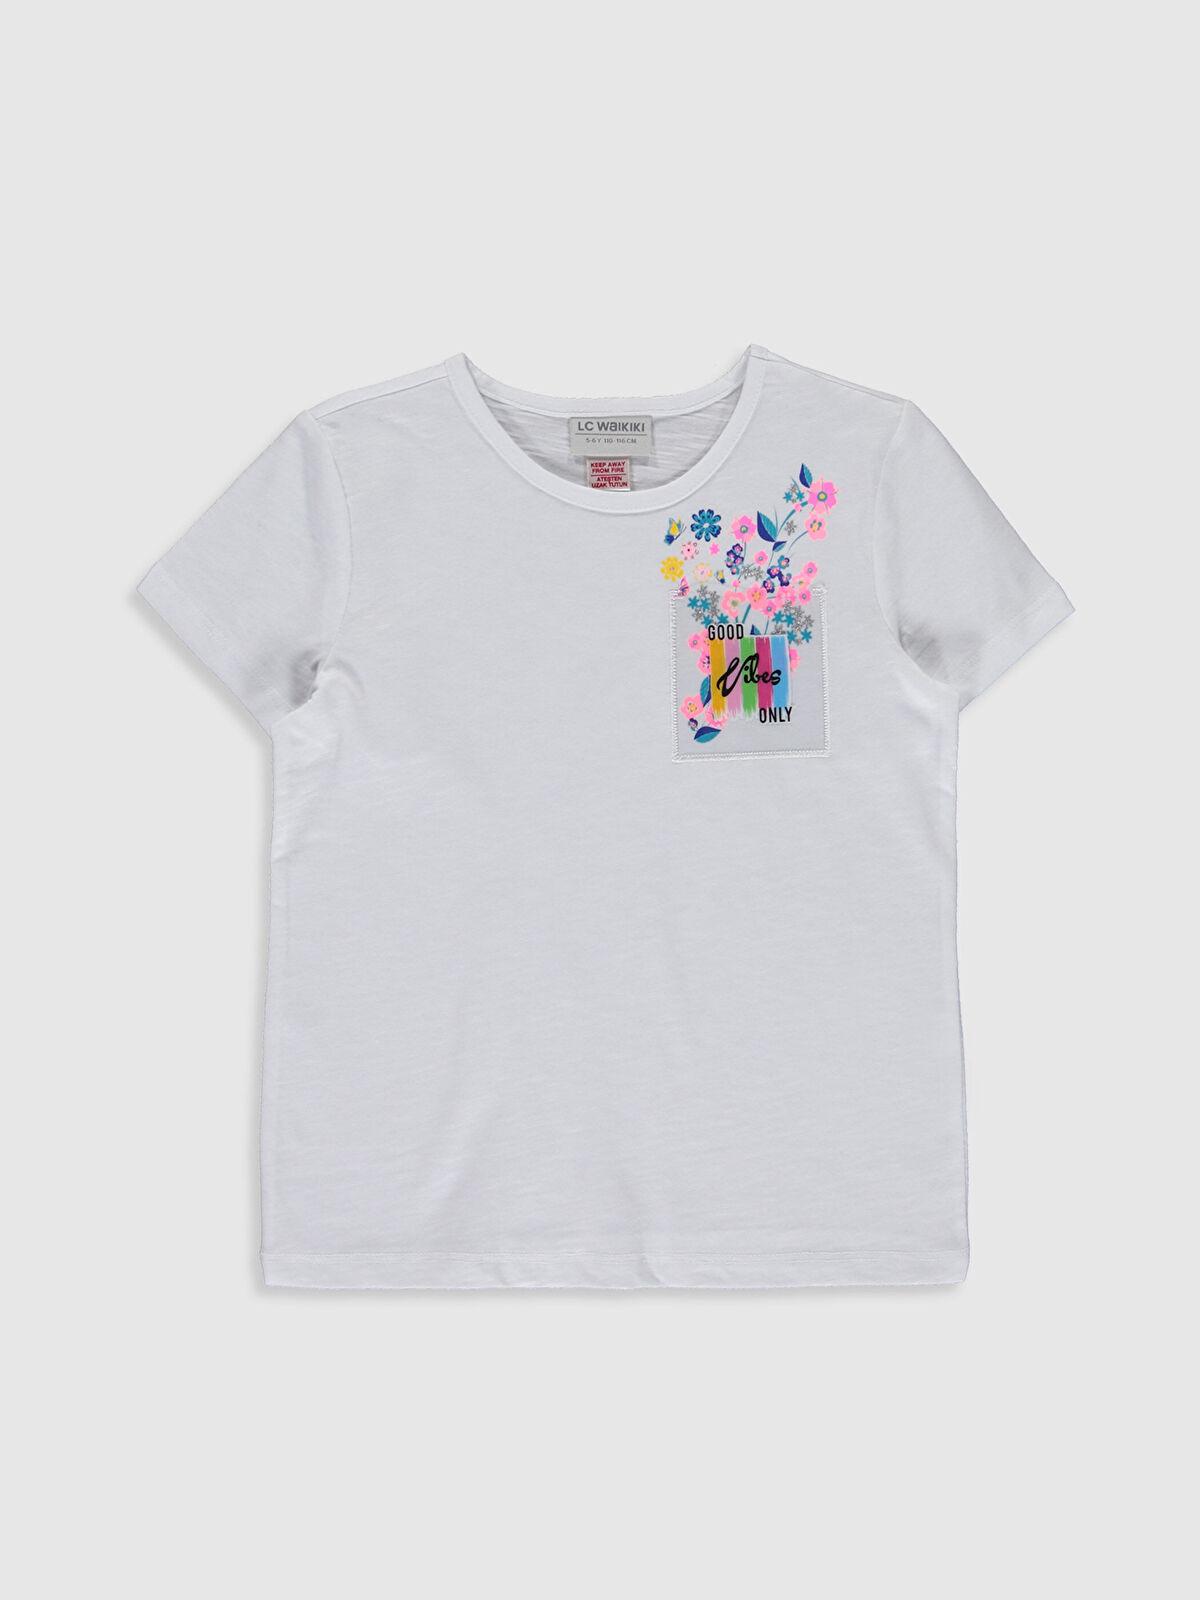 Kız Çocuk Çiçek Baskılı Pamuklu Tişört - LC WAIKIKI